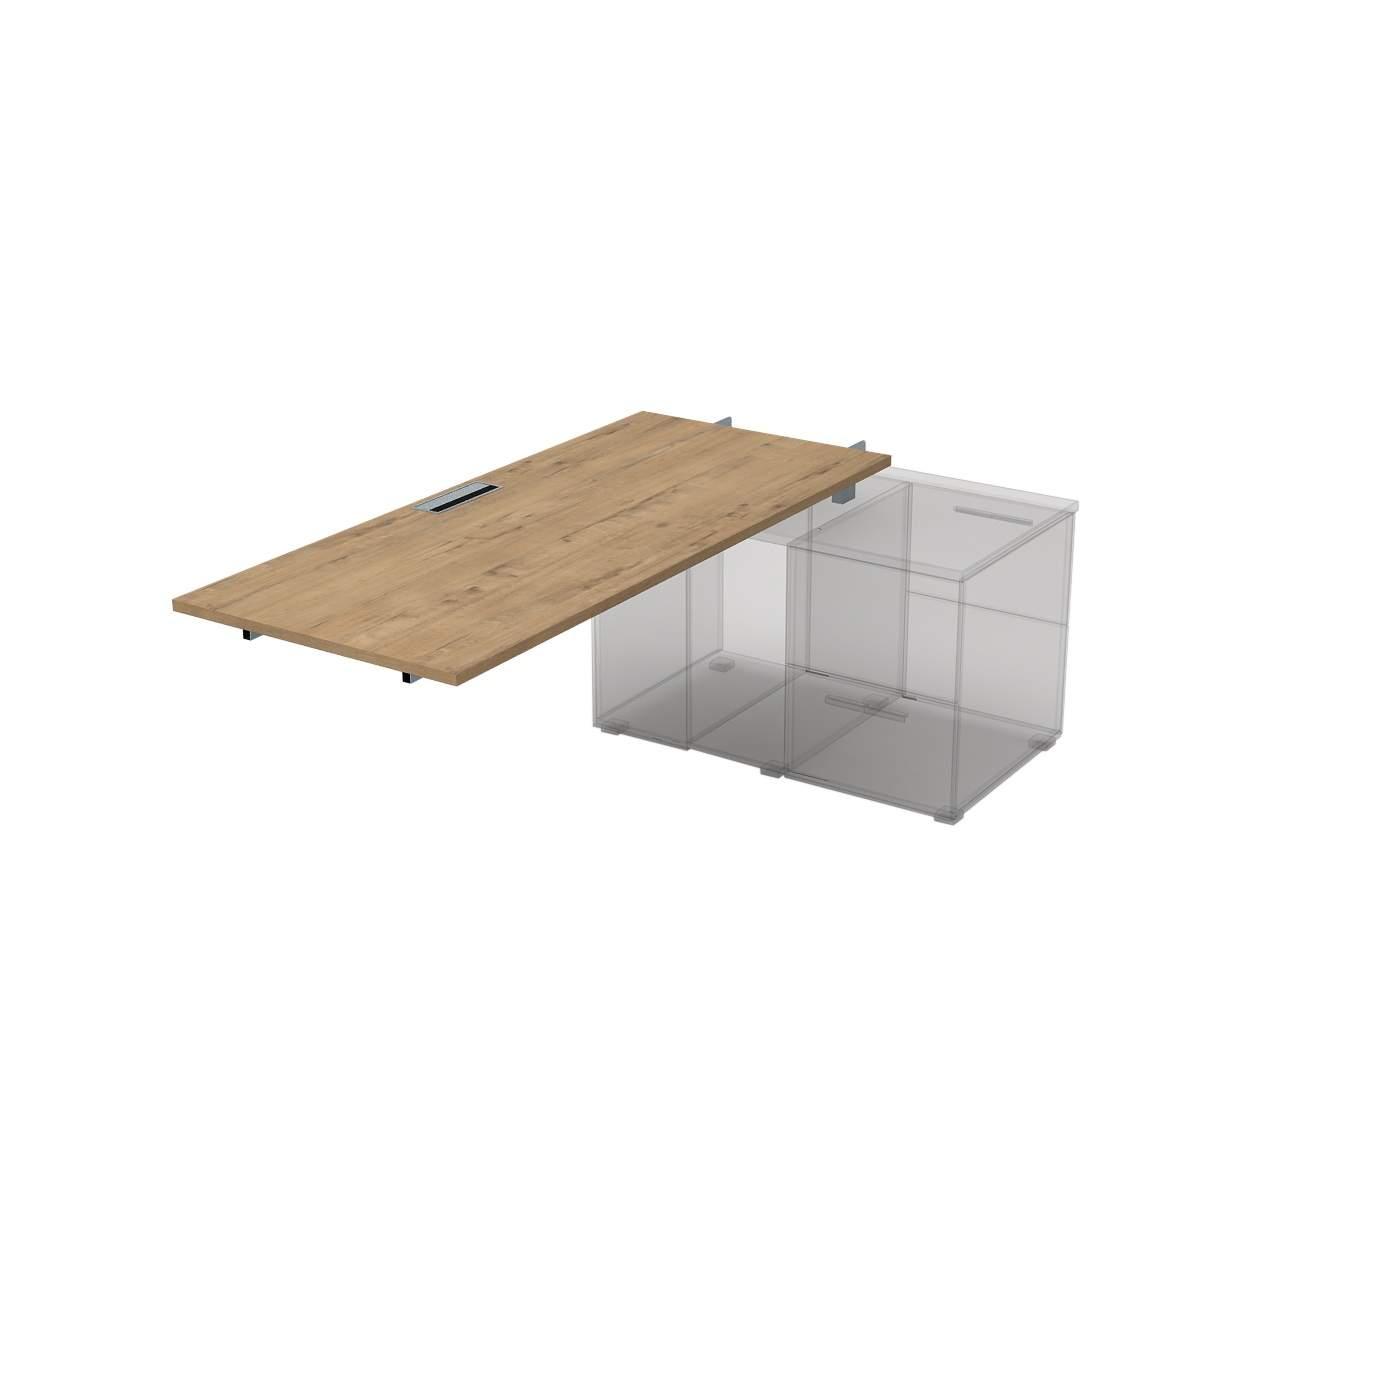 Стол для крепления на тумбу, средний модуль 1800х700х750